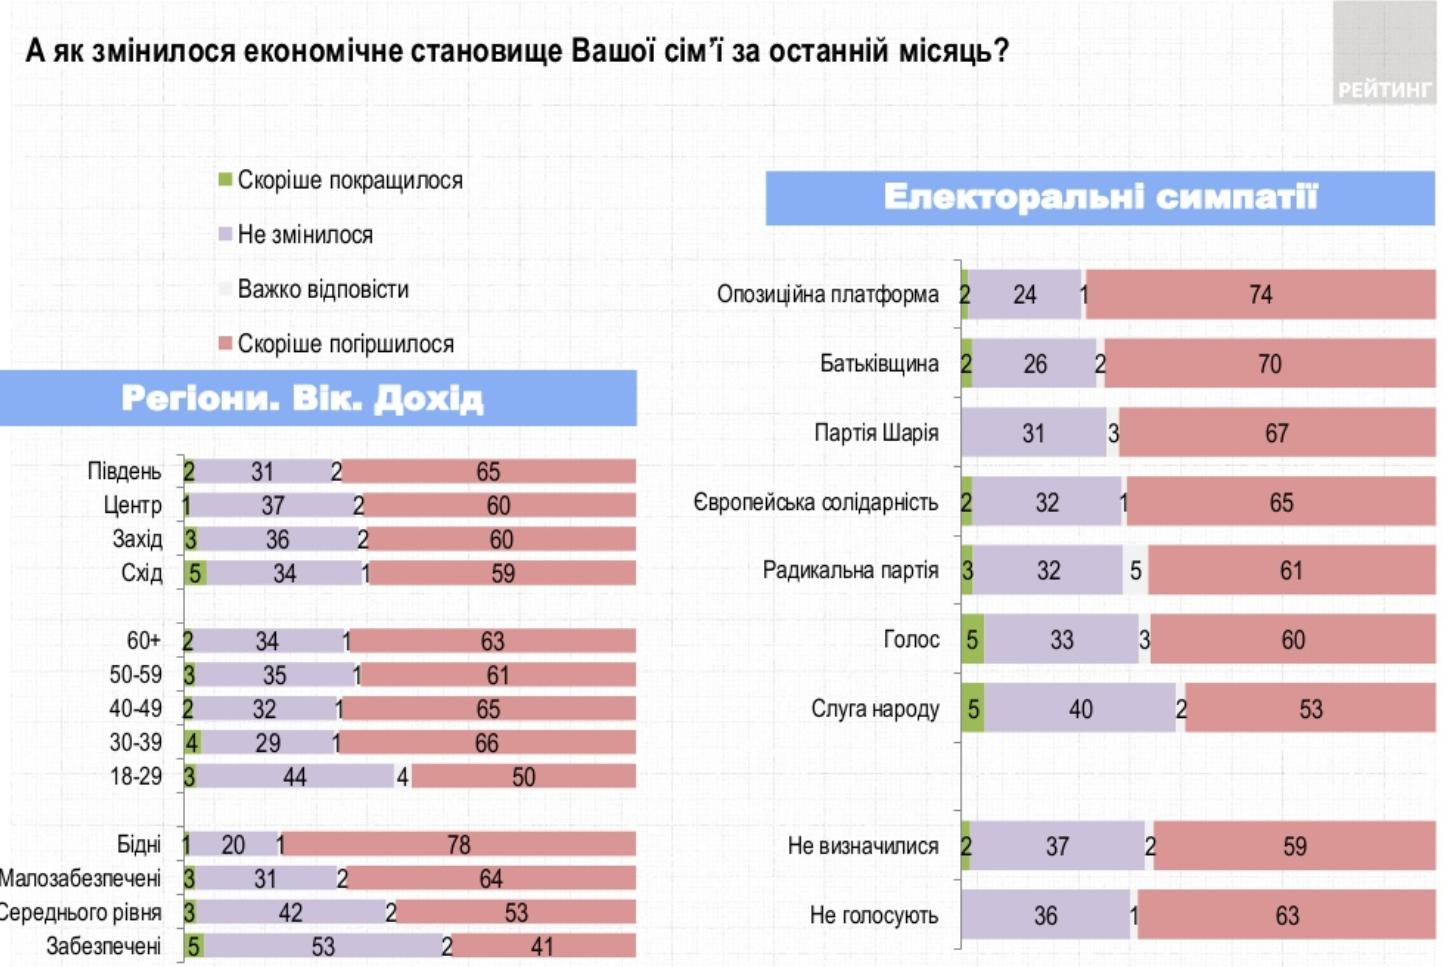 Украинцы рассказали, как изменилось экономическое благосостояние их семей за последний месяц